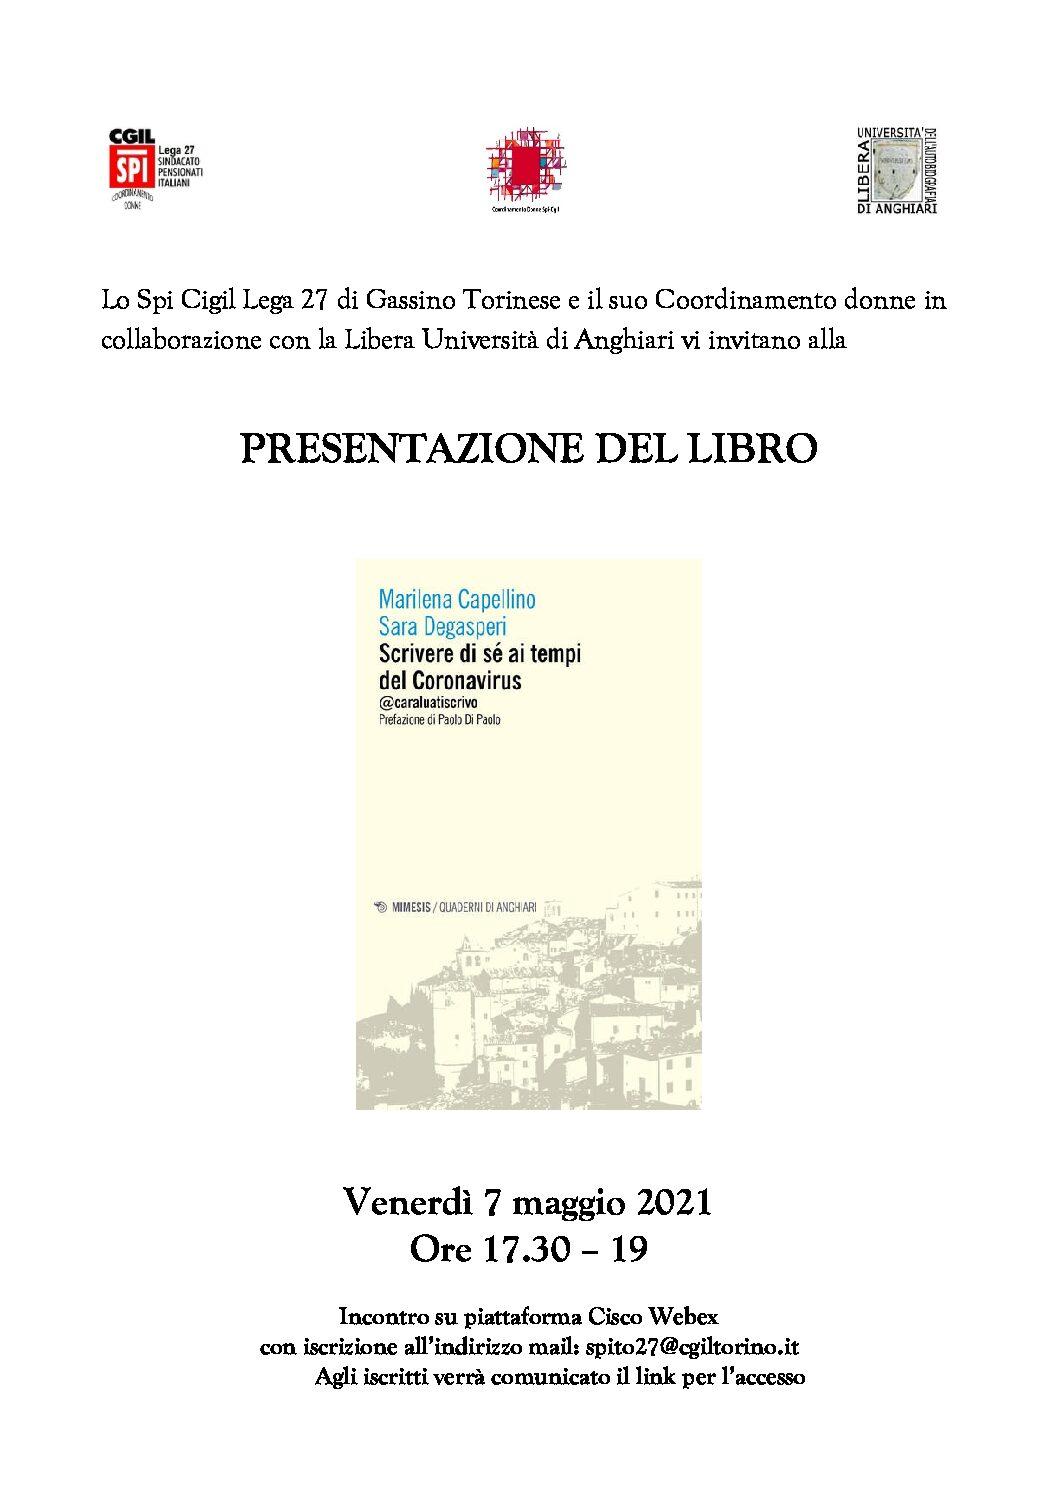 Presentazione libro SCRIVERE DI SE' AI TEMPI DEL CORONAVIRUS